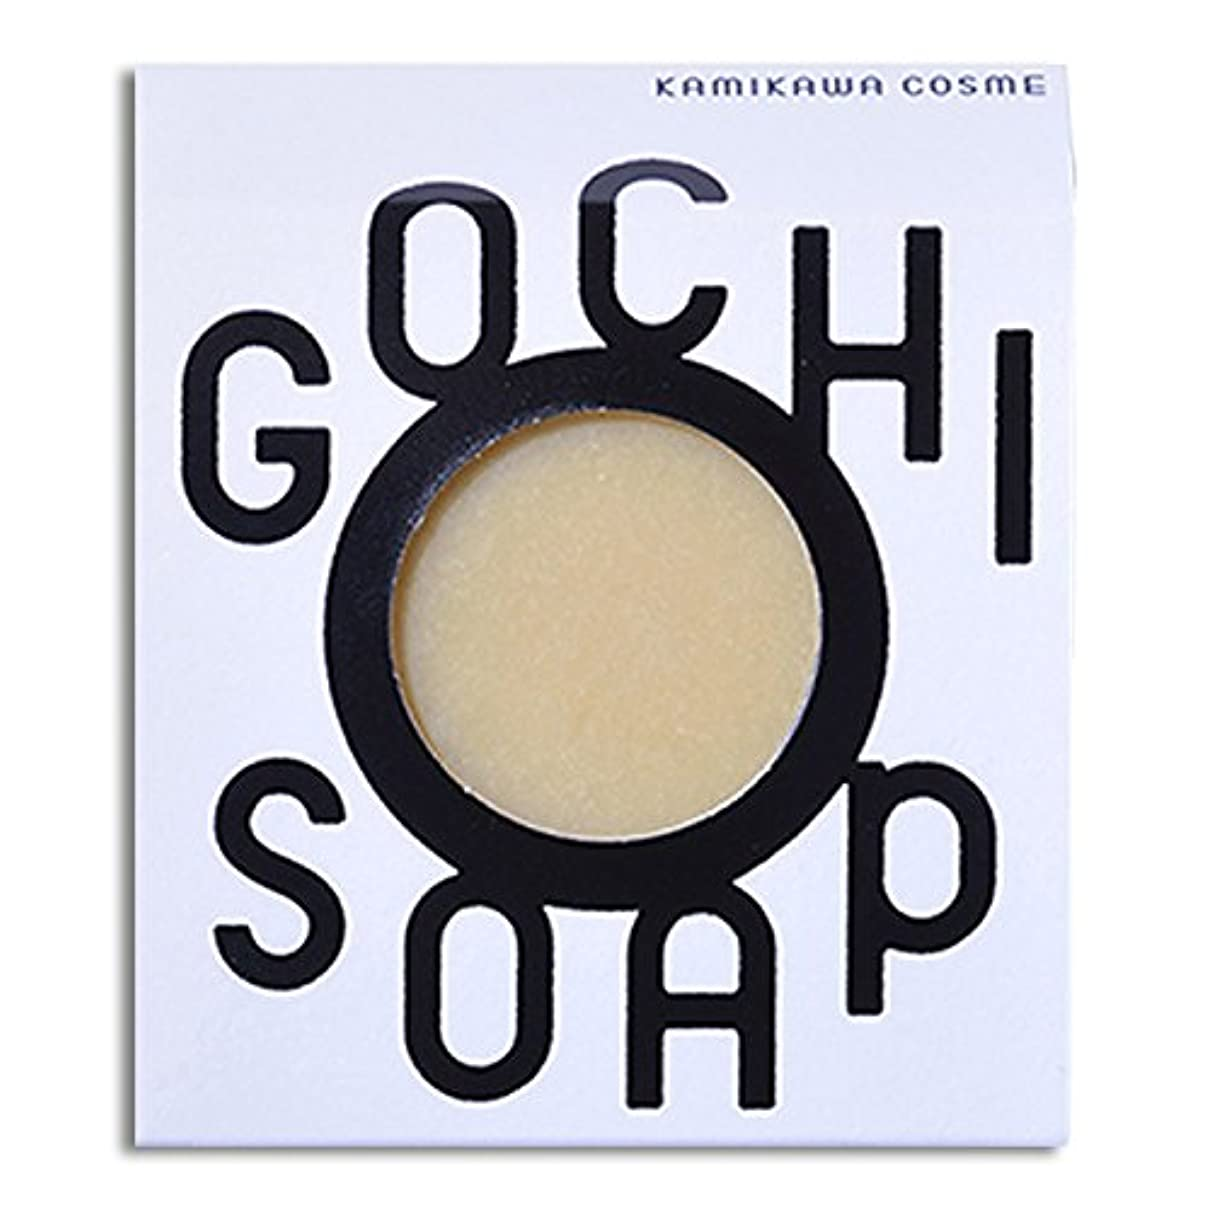 言語レタッチ平和的道北の素材を使用したコスメブランド GOCHI SOAP(山路養蜂園の蜂蜜ソープ?ふじくらますも果樹園のりんごソープ)各1個セット